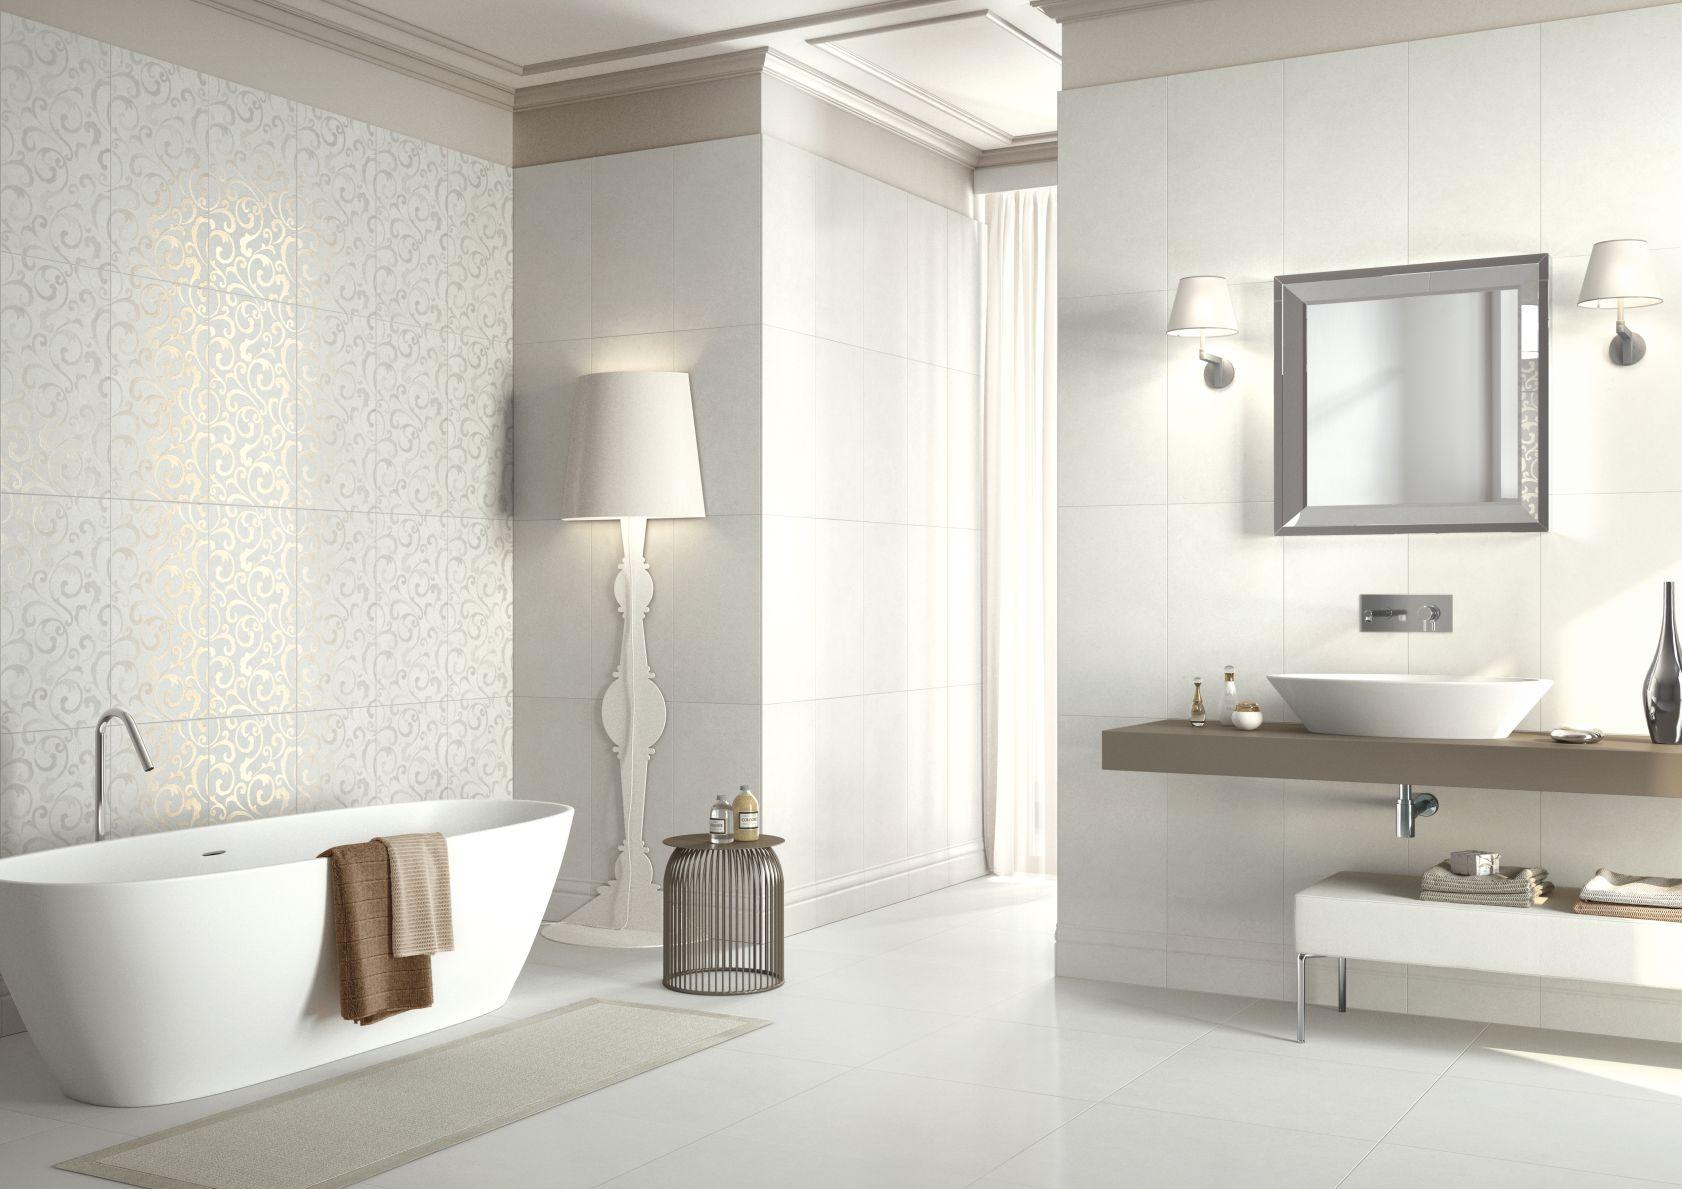 Bagno In Pietra Grigia : Parete soggiorno in pietra bianca finta con